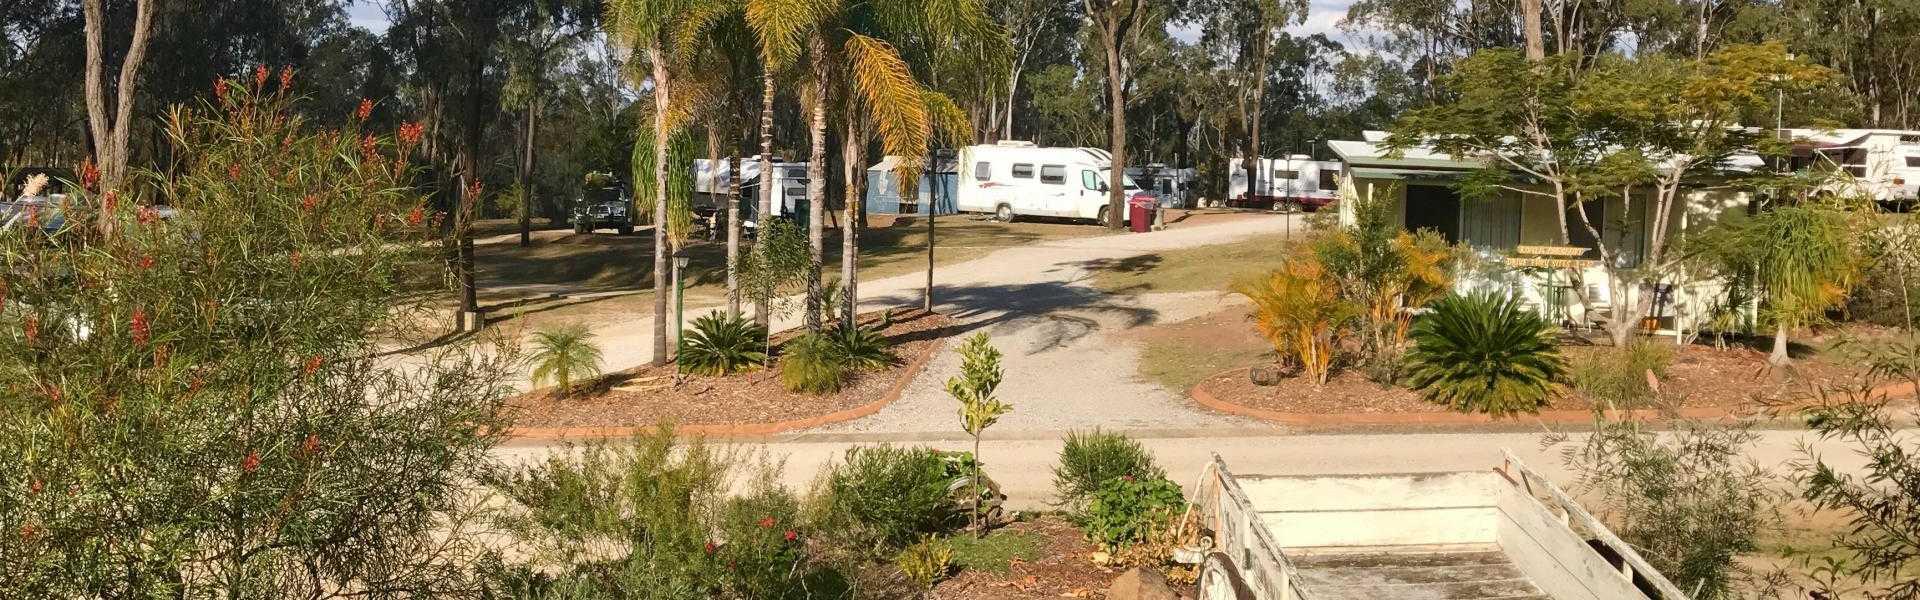 Kui Parks, Barambah Bush Caravan Park, Murgon, QLD